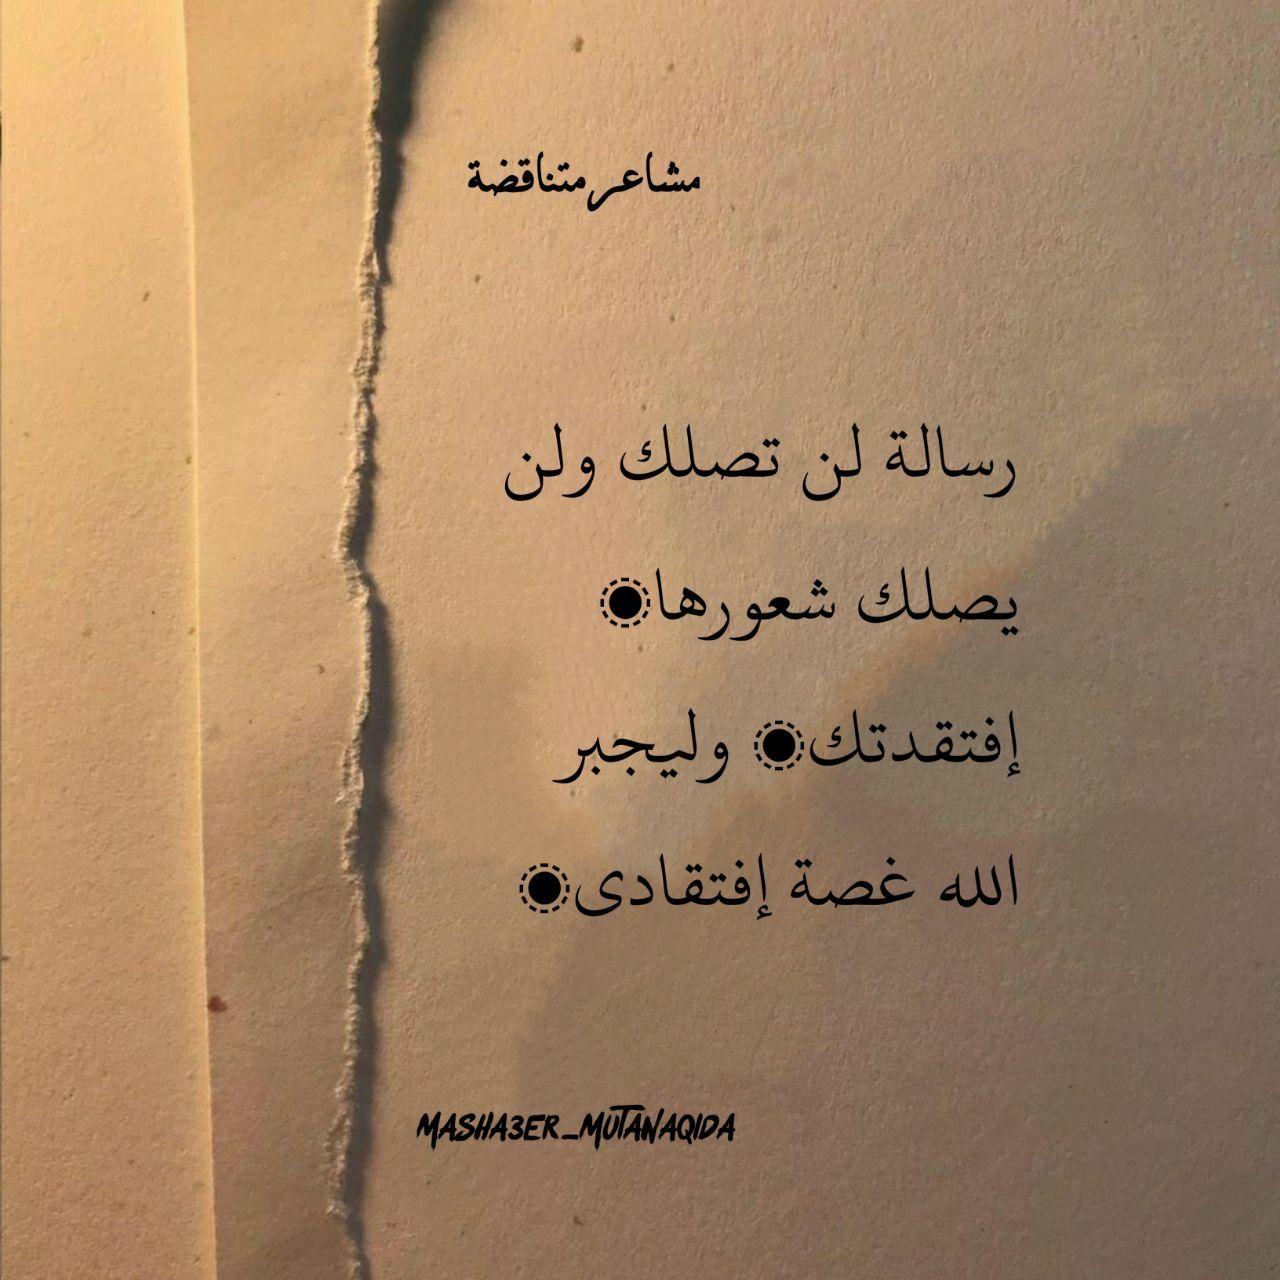 رسالة لن تصلك ولن يصلك شعورها إفتقدتك وليجبر الله غصة إفتقادي Instagram Arabic Calligraphy